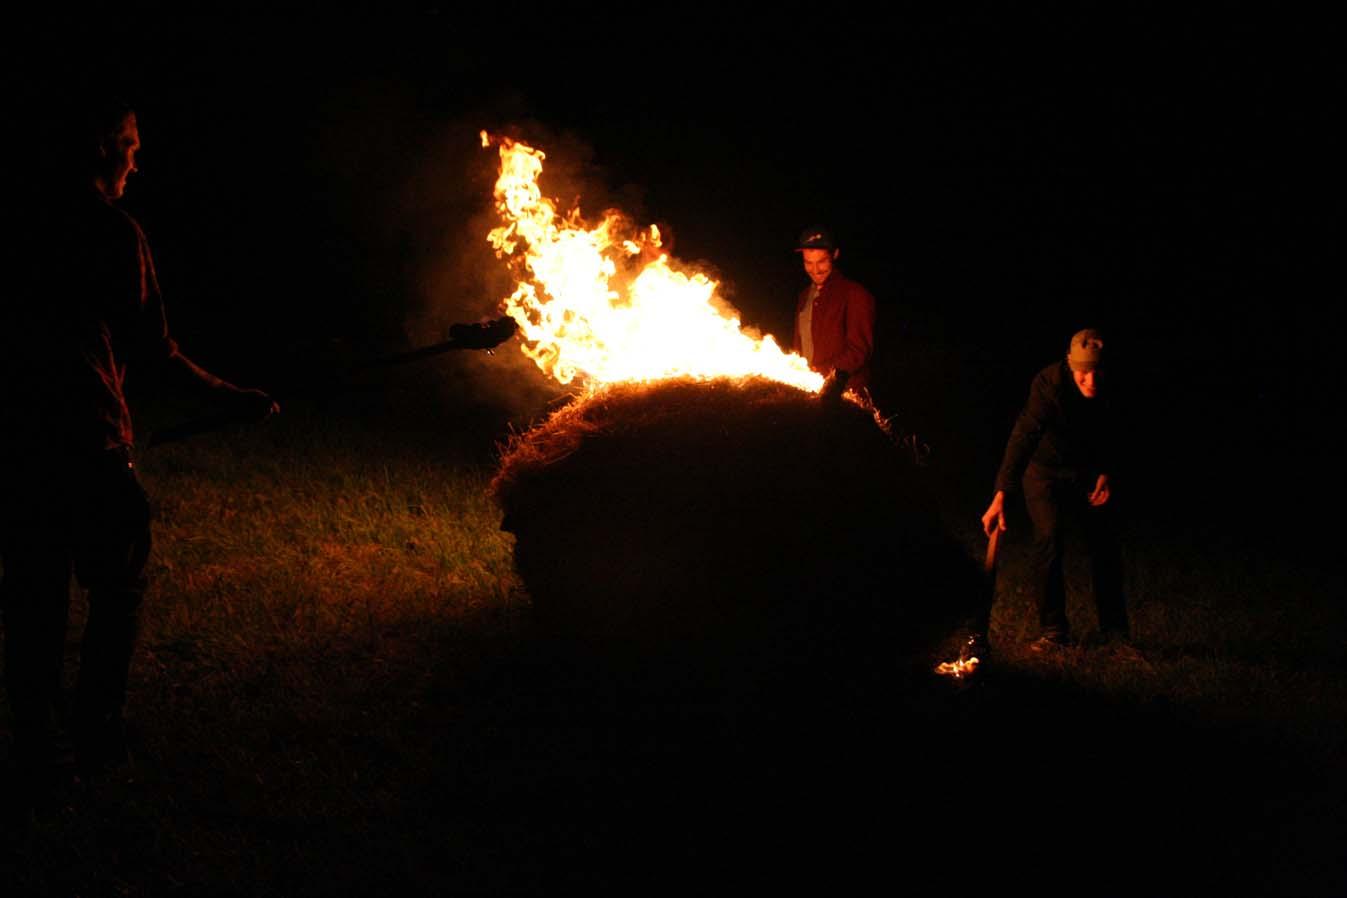 Ugnies skulptūros Kornelijus Diuprė, Edgar Aškelovič, Gediminas G. Akstinas, Antanas Dubauskas